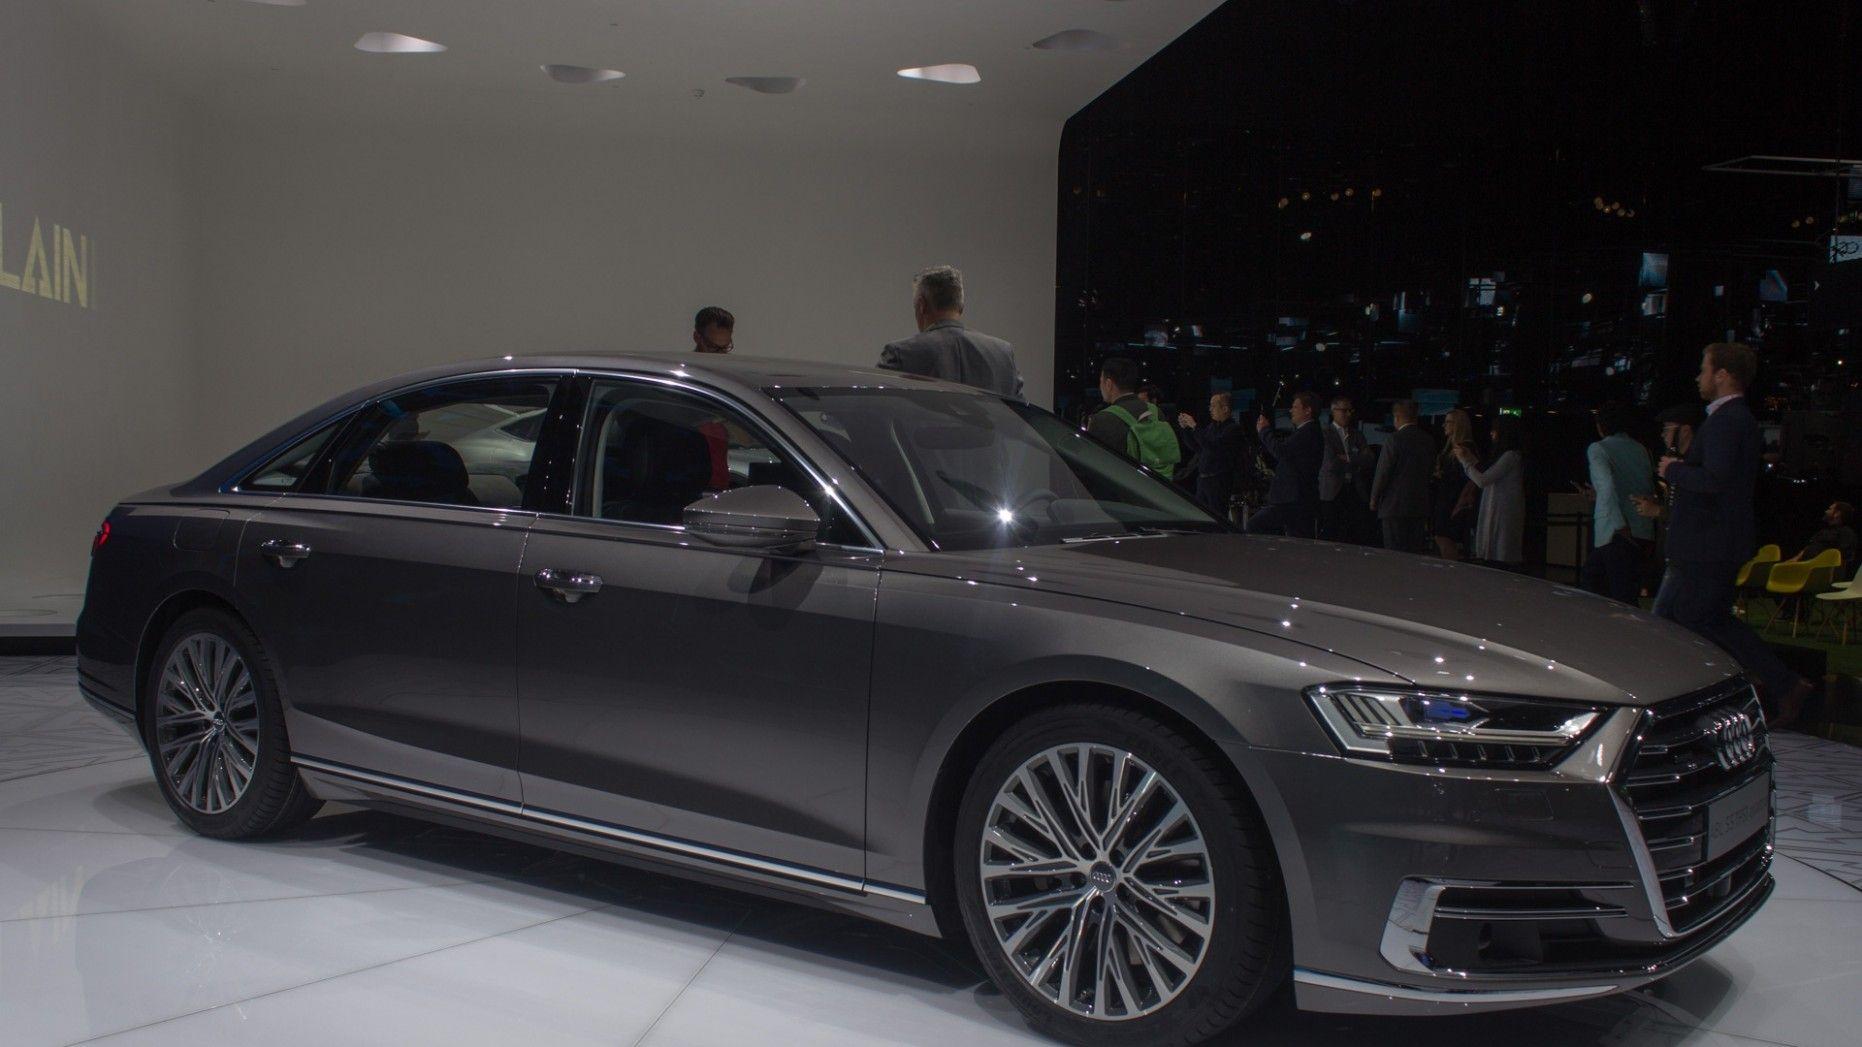 2021 Audi A8 in 2020 Audi a8, Audi,